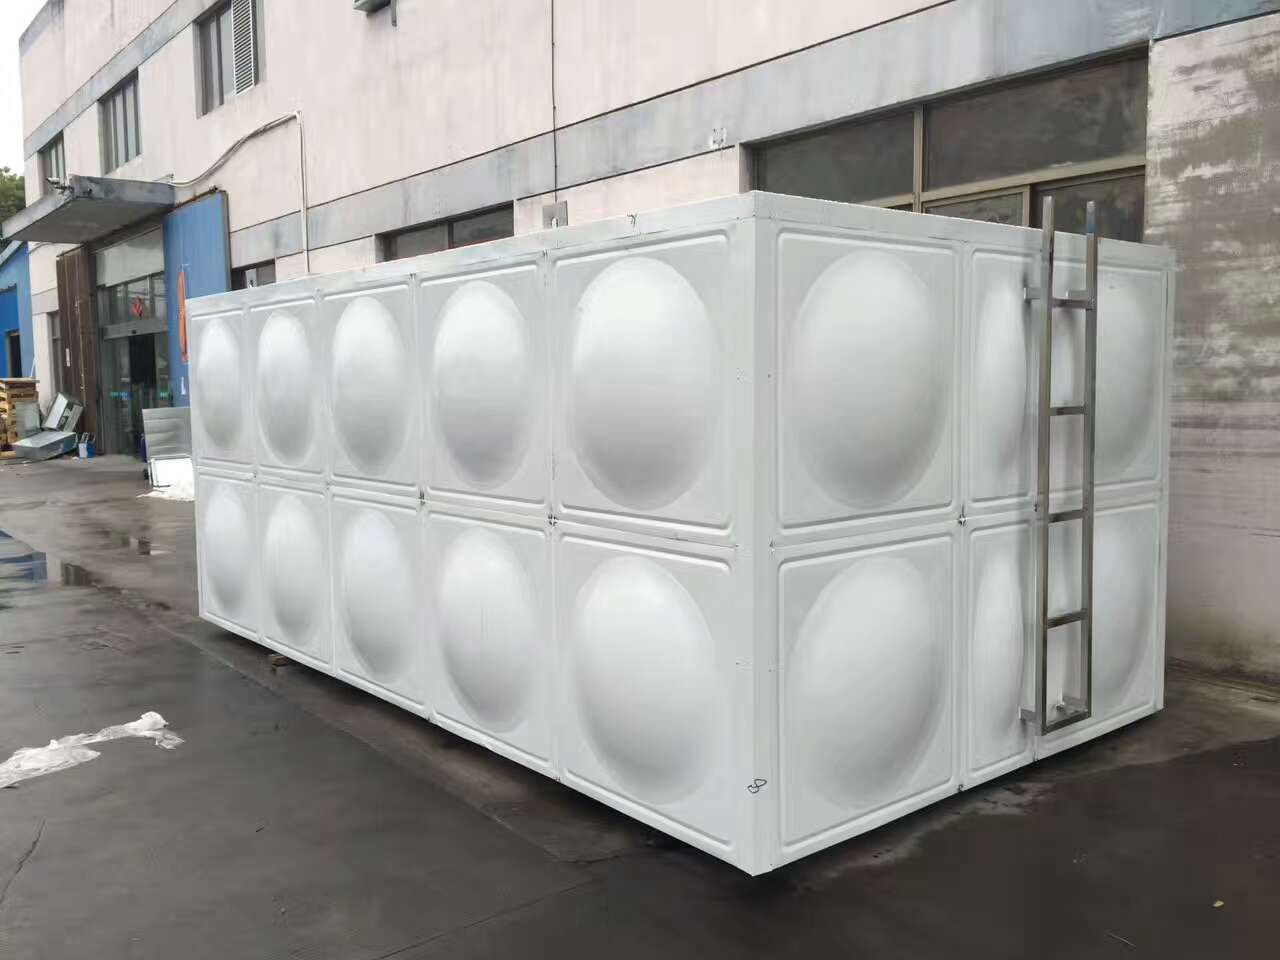 伊犁不锈钢水箱|保温水箱|消防水箱供应厂家二十年金牌品质